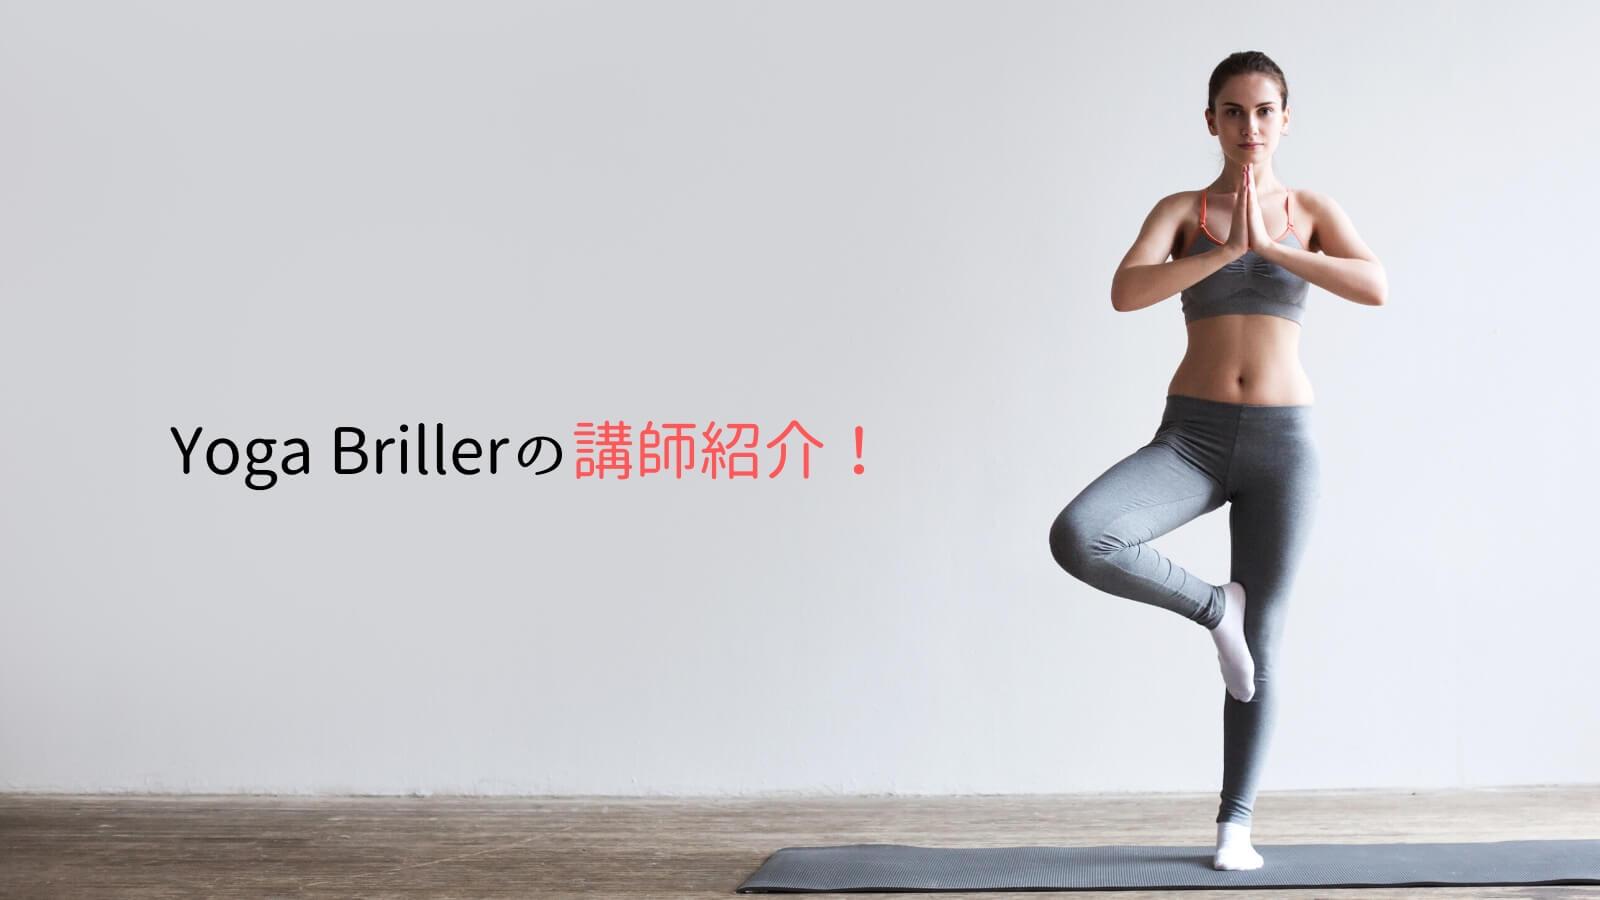 Yoga Brillerの講師紹介!